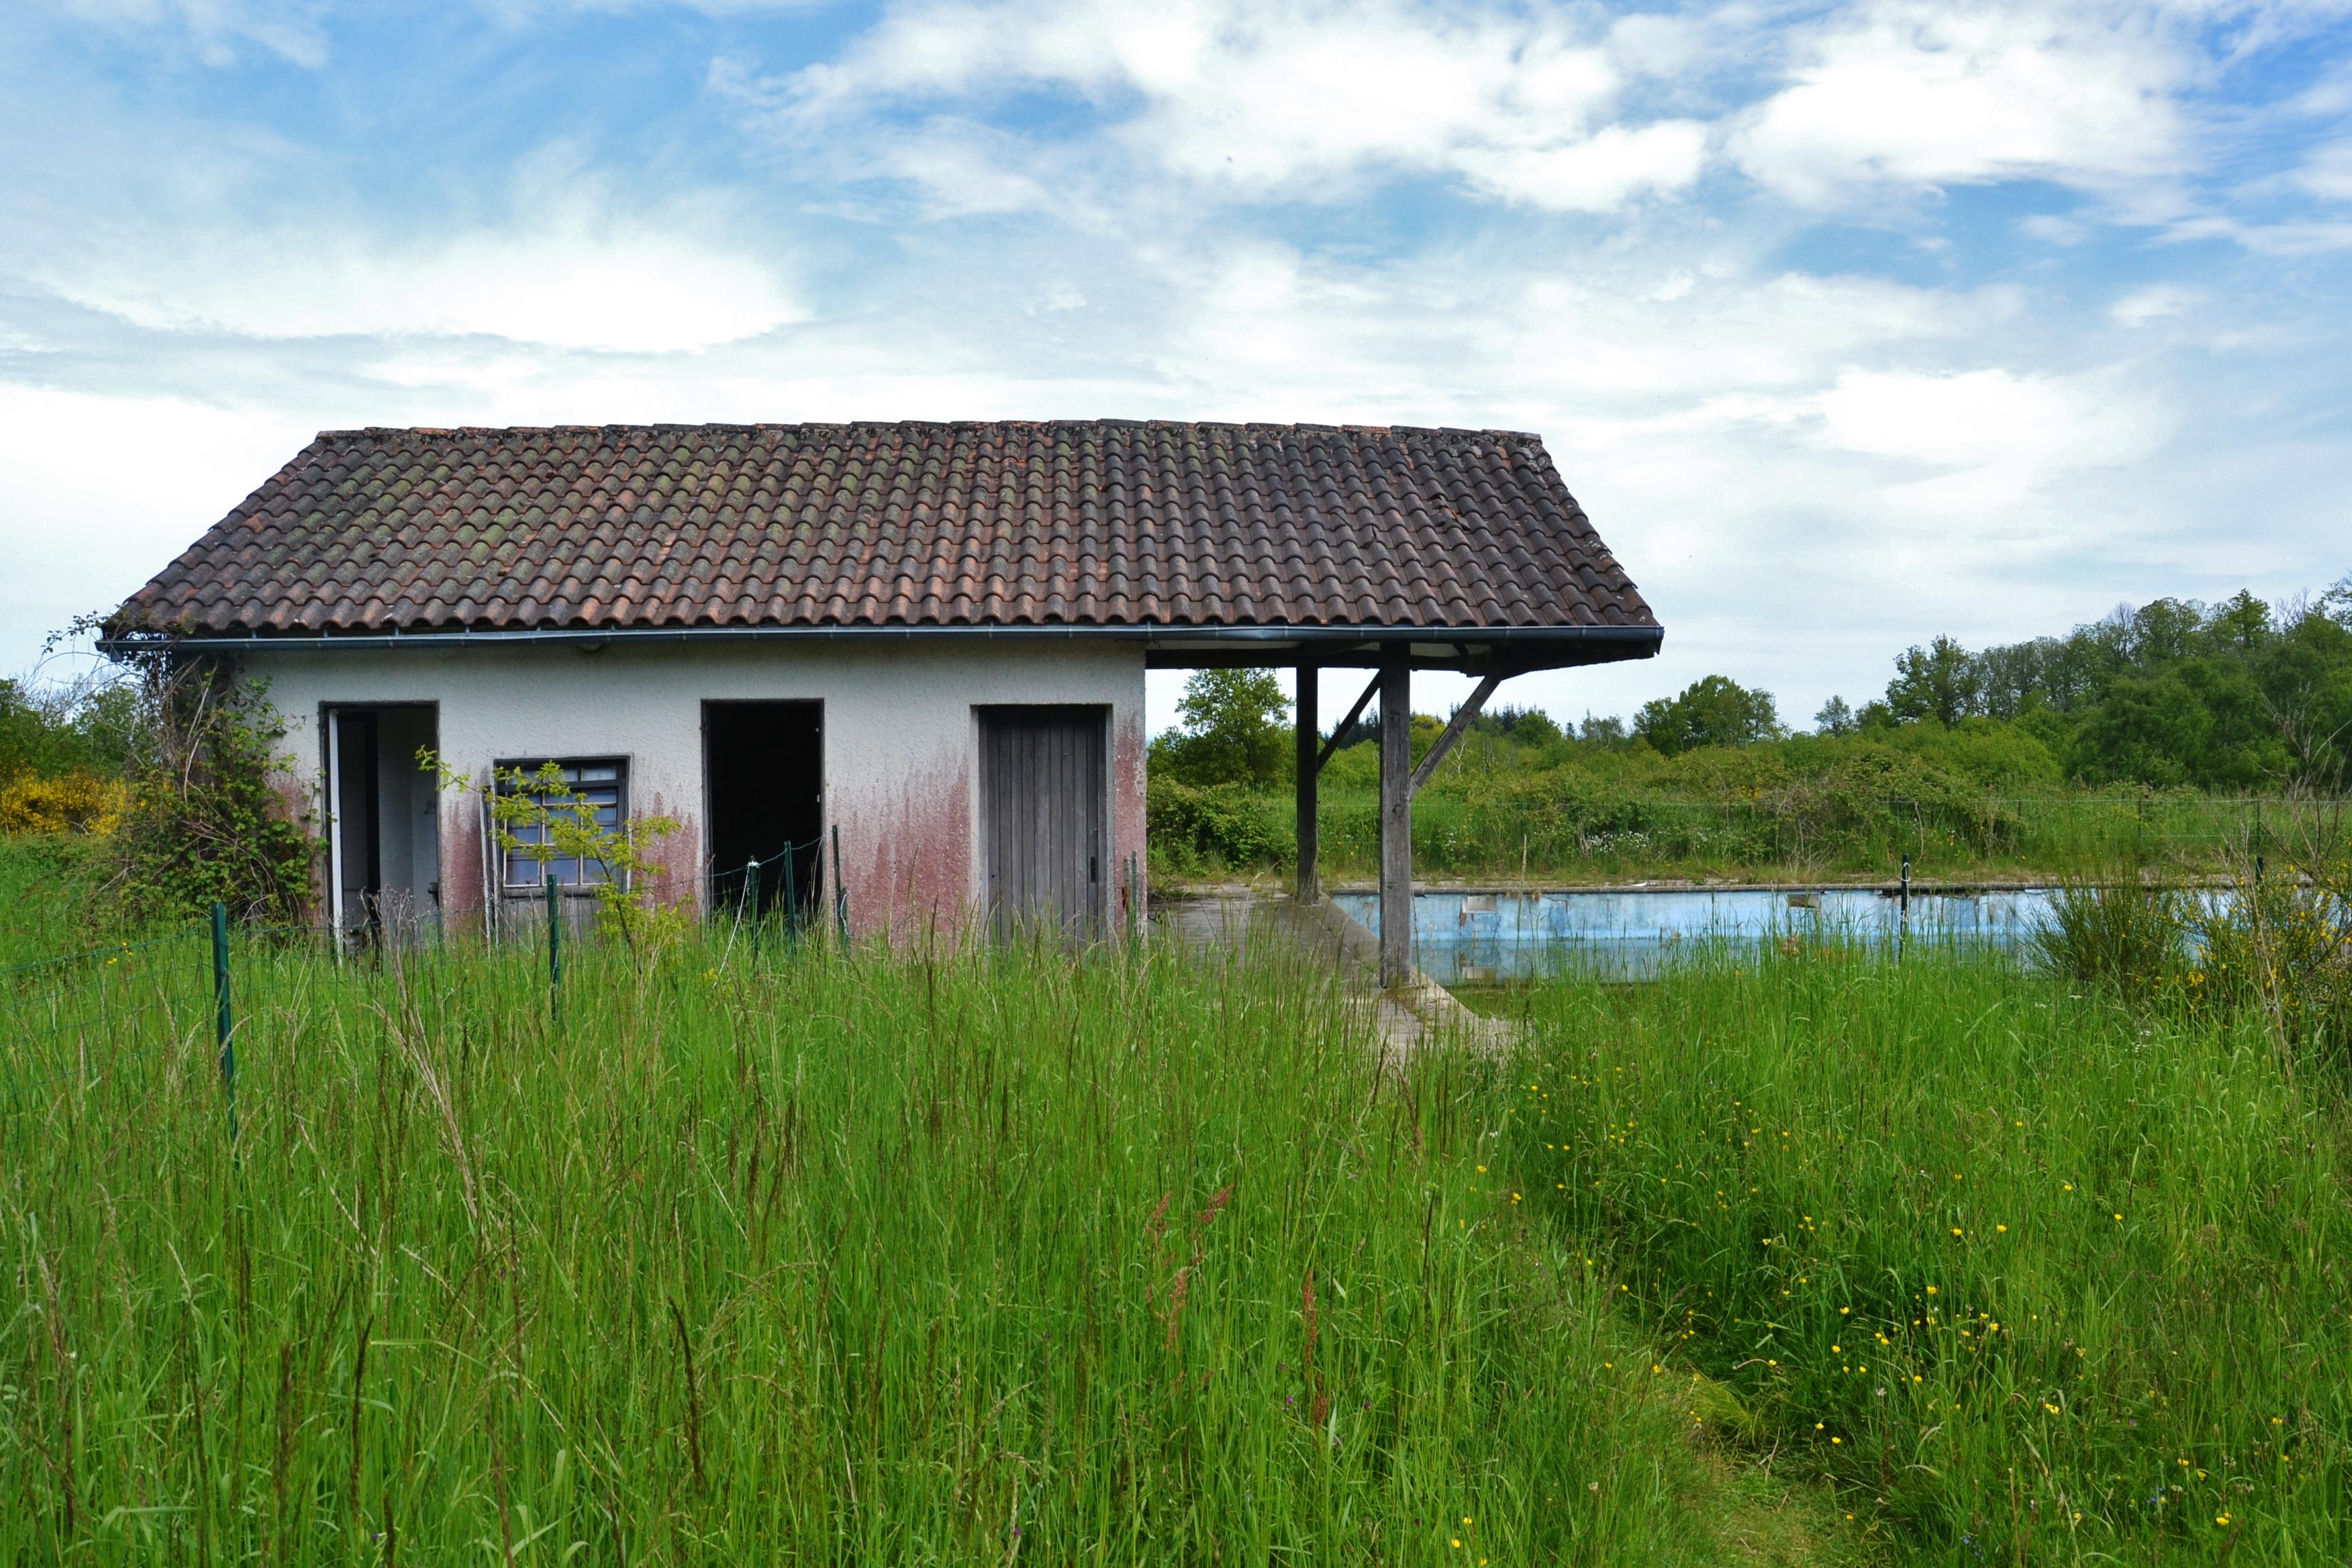 File village abandonn de courbefy jpg wikimedia commons - Acheter village abandonne ...